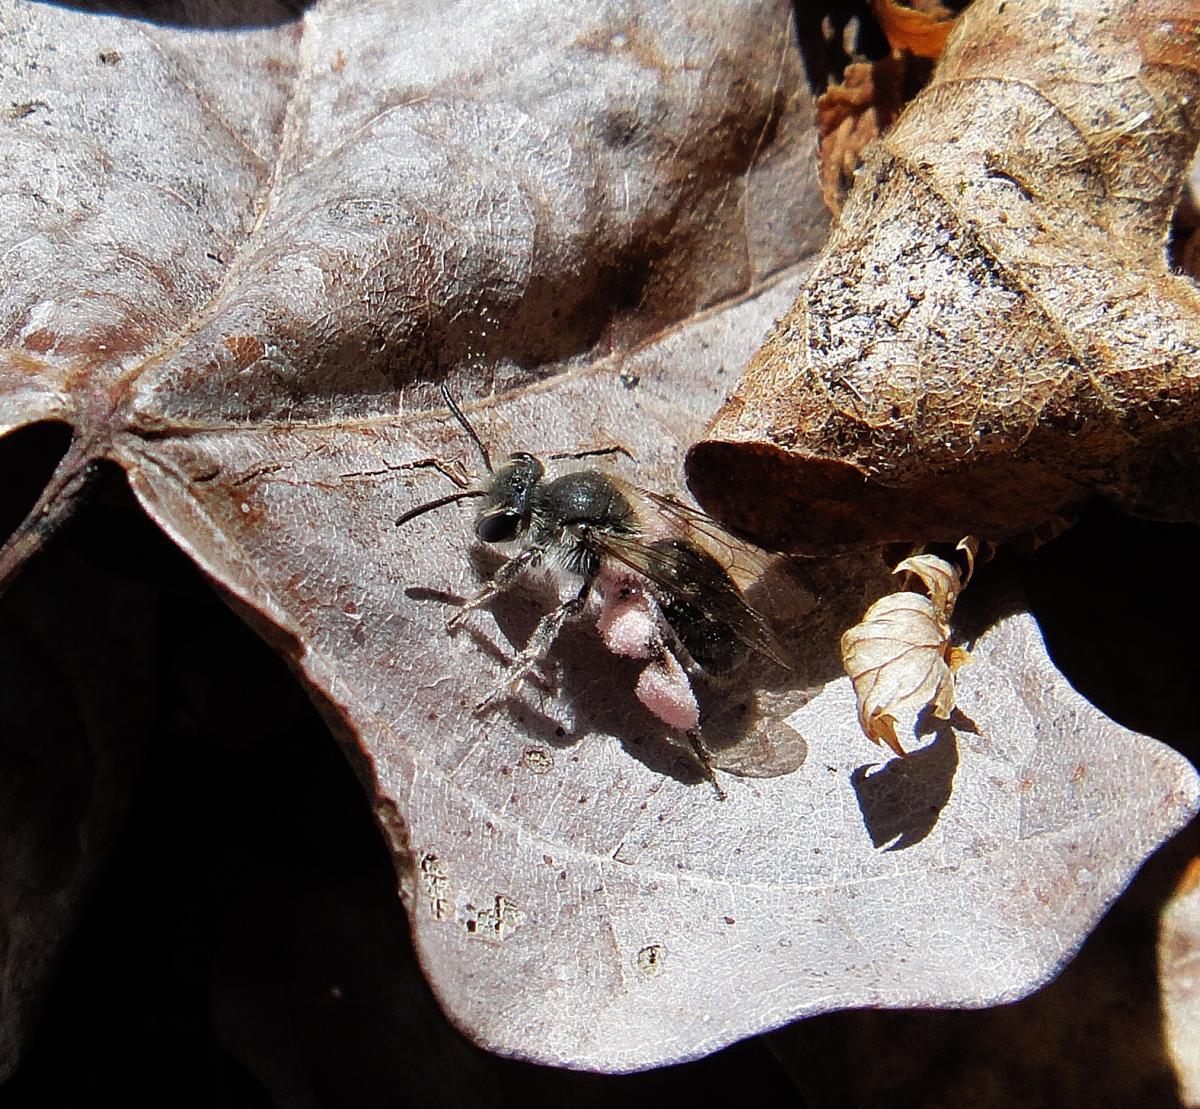 Hairy armpits on a mining bee